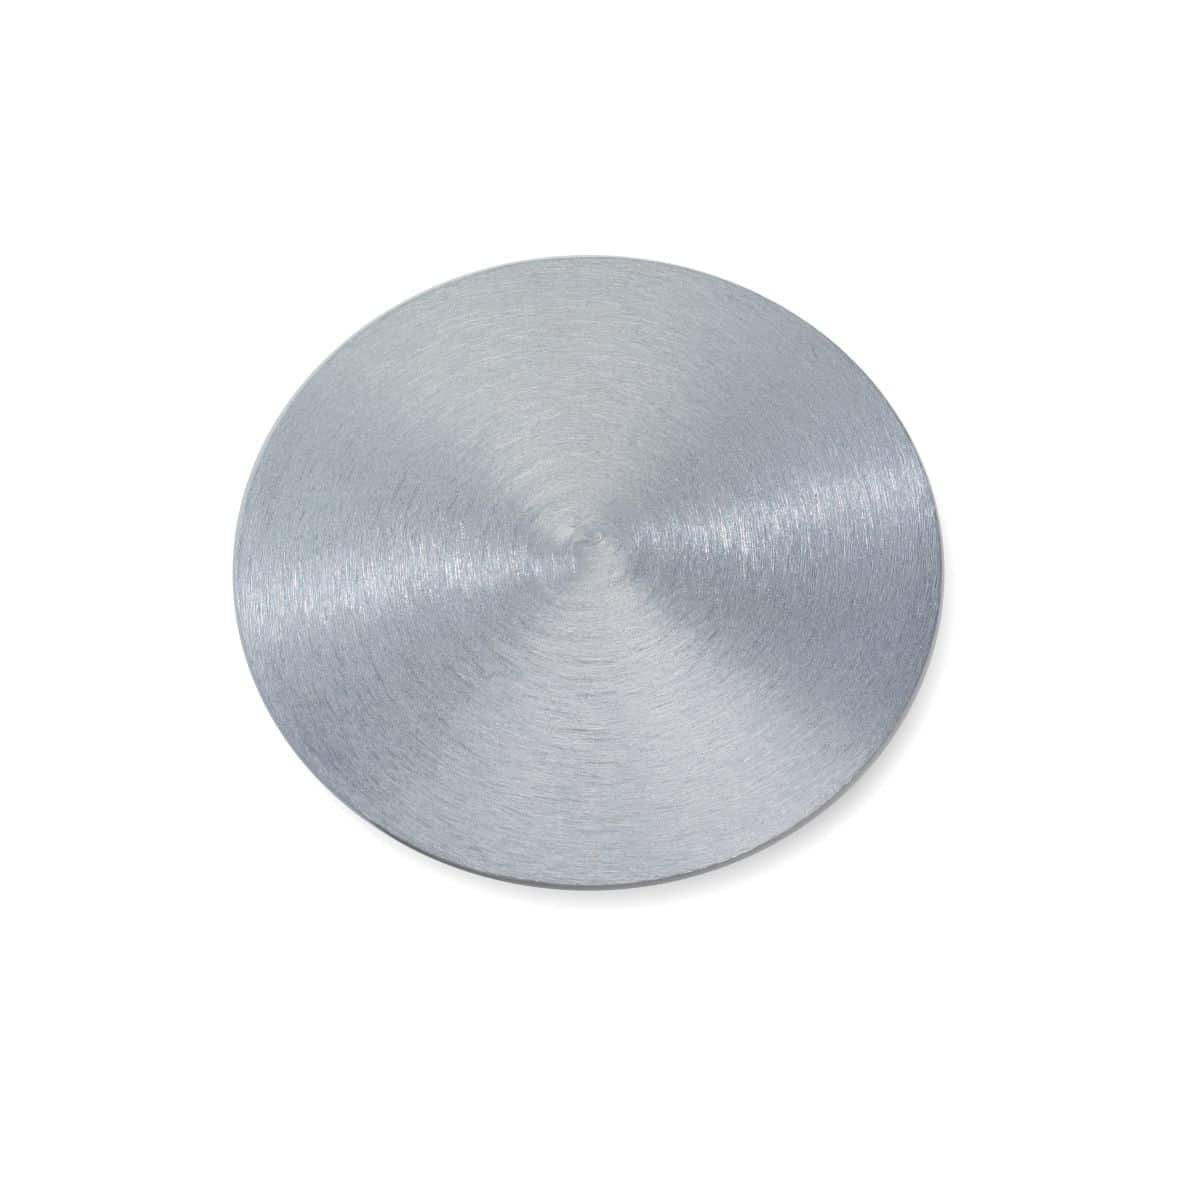 Kerzenteller Alu 100 mm, silber